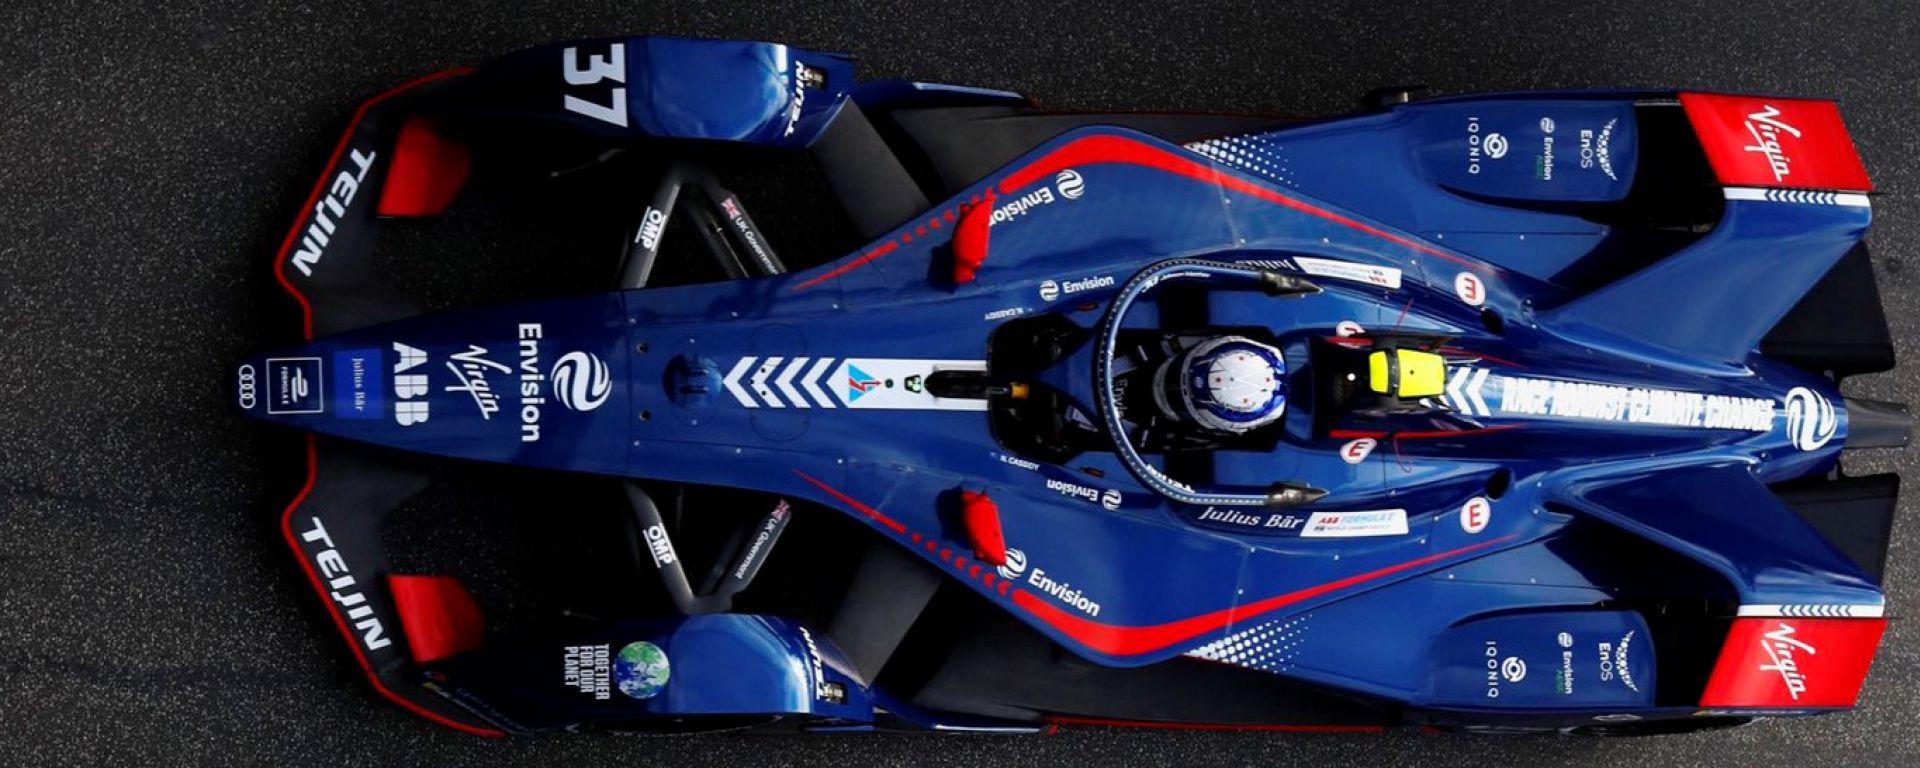 ePrix Roma-2, Nick Cassidy (Envision Virgin Racing) fa la prima pole in Formula E